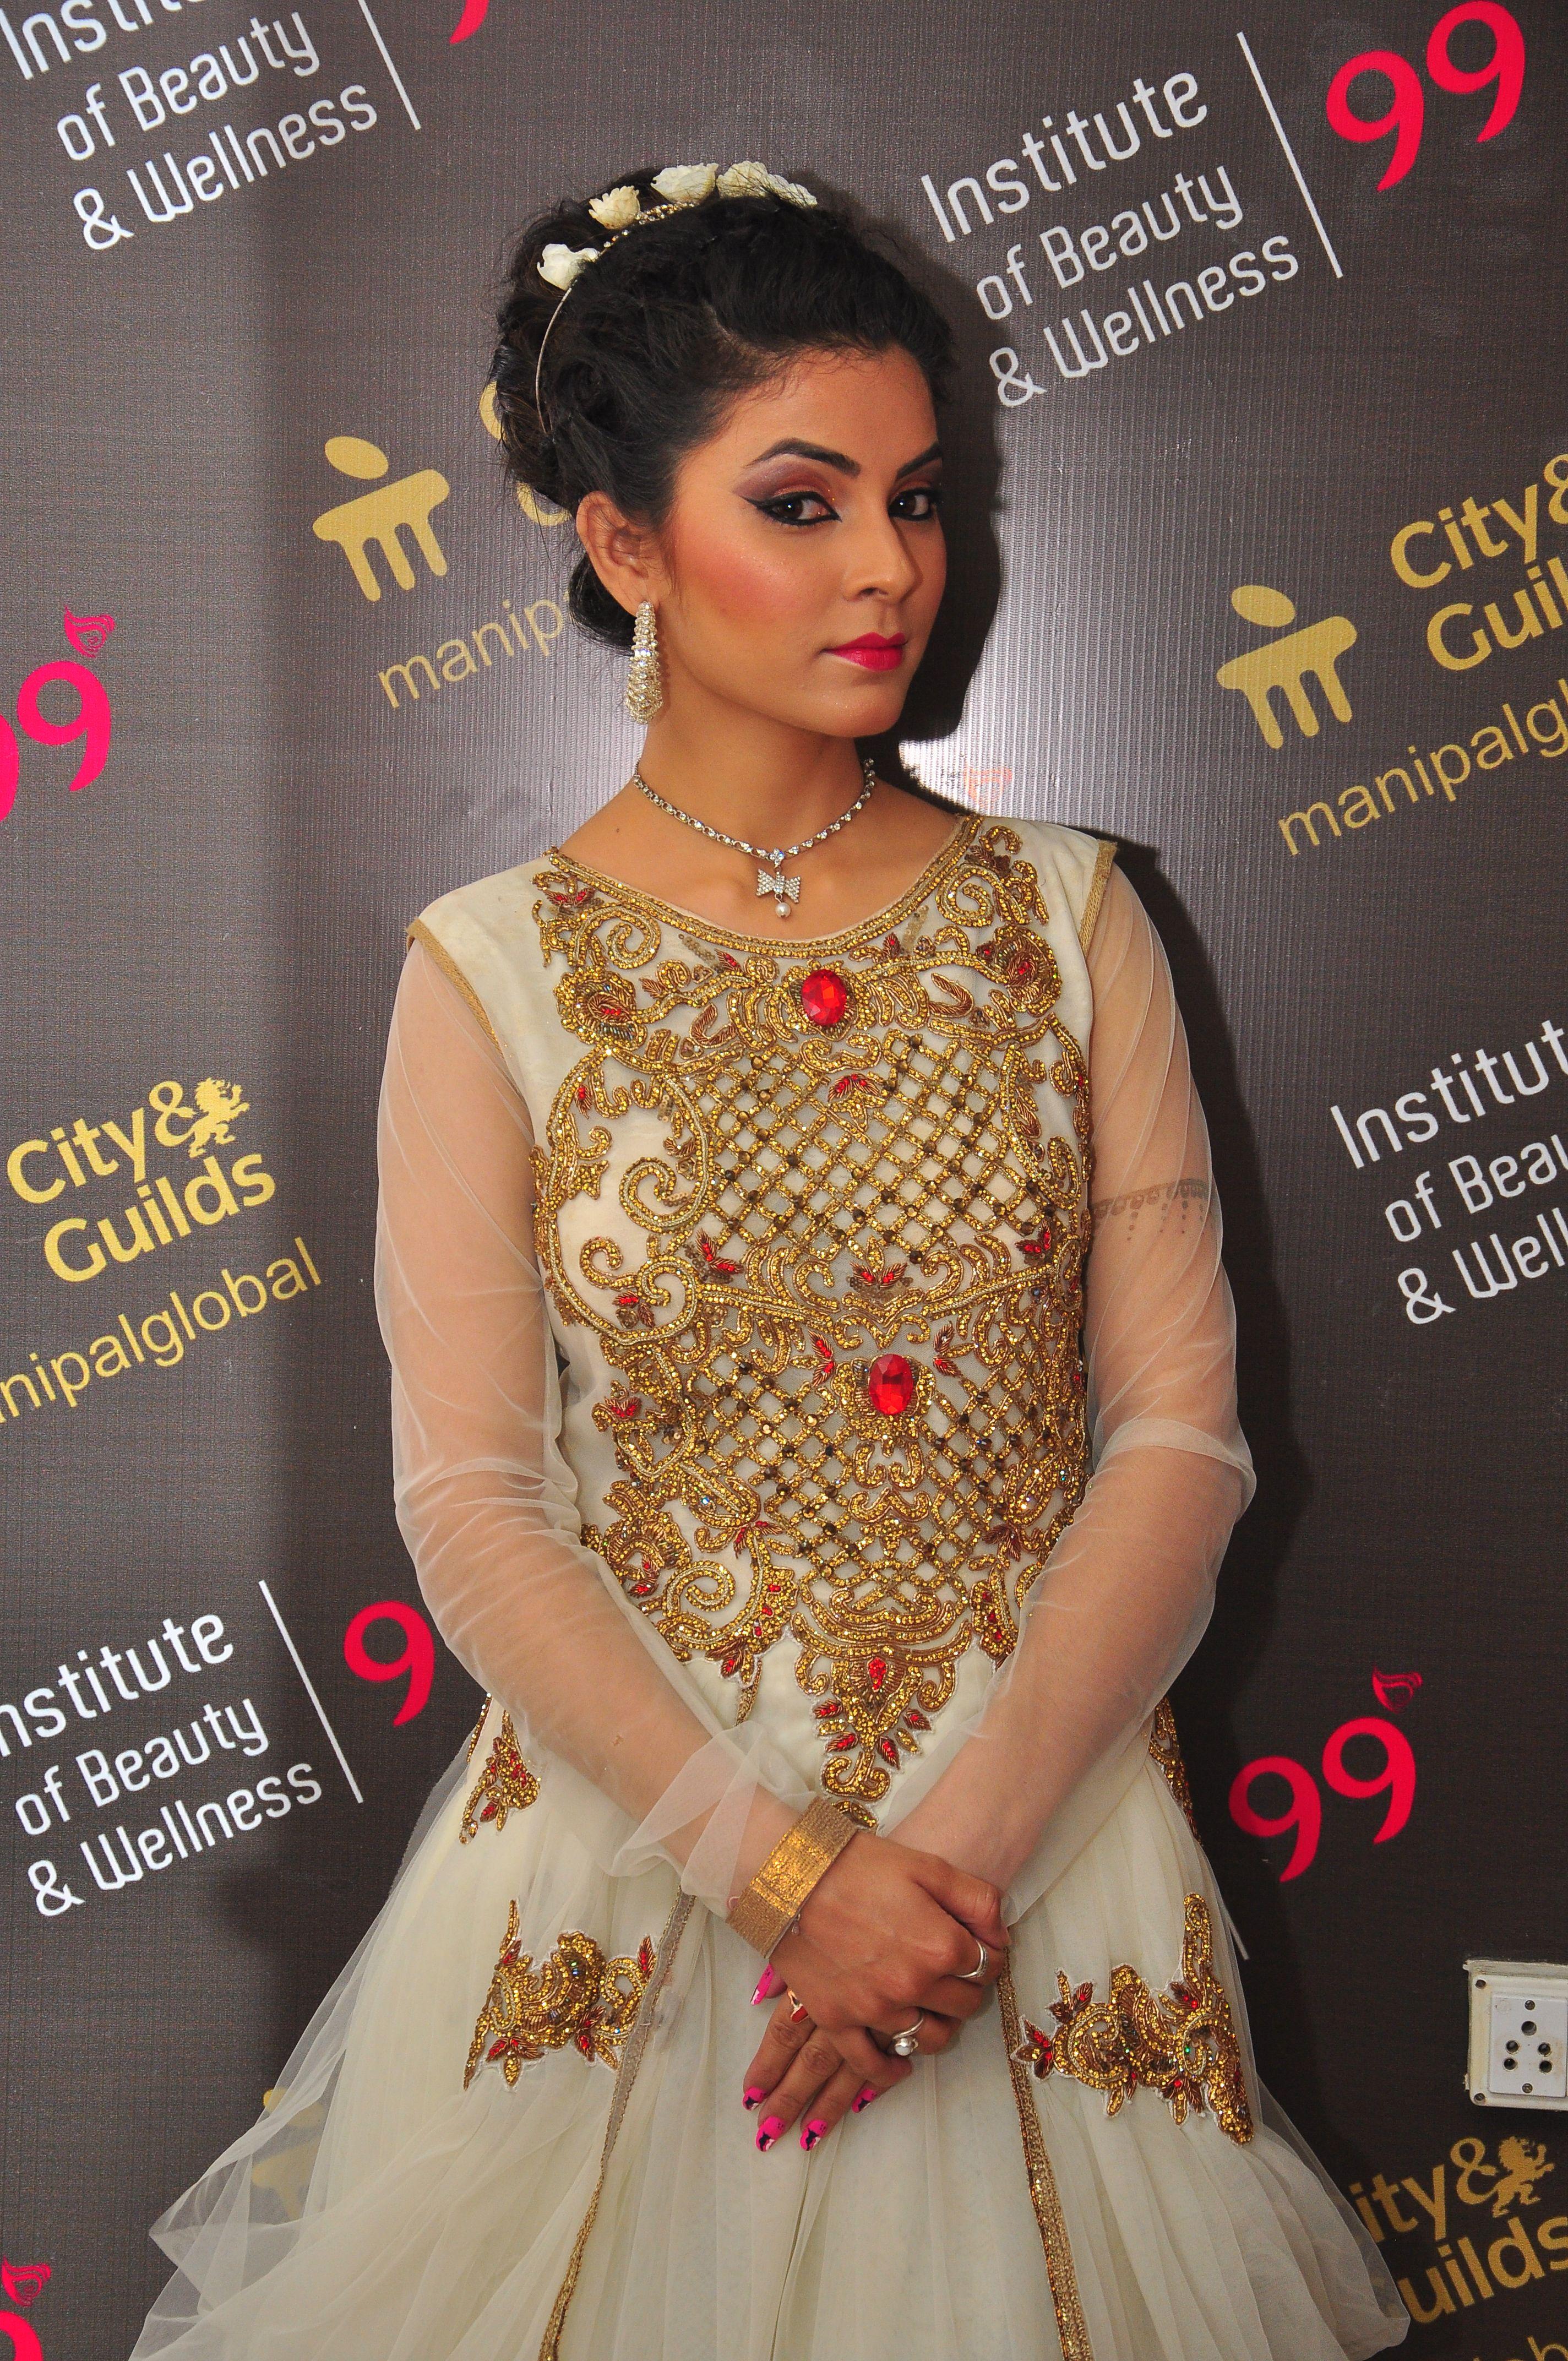 Celebrity Makeup Artist Shweta Gaur Attends a Destination